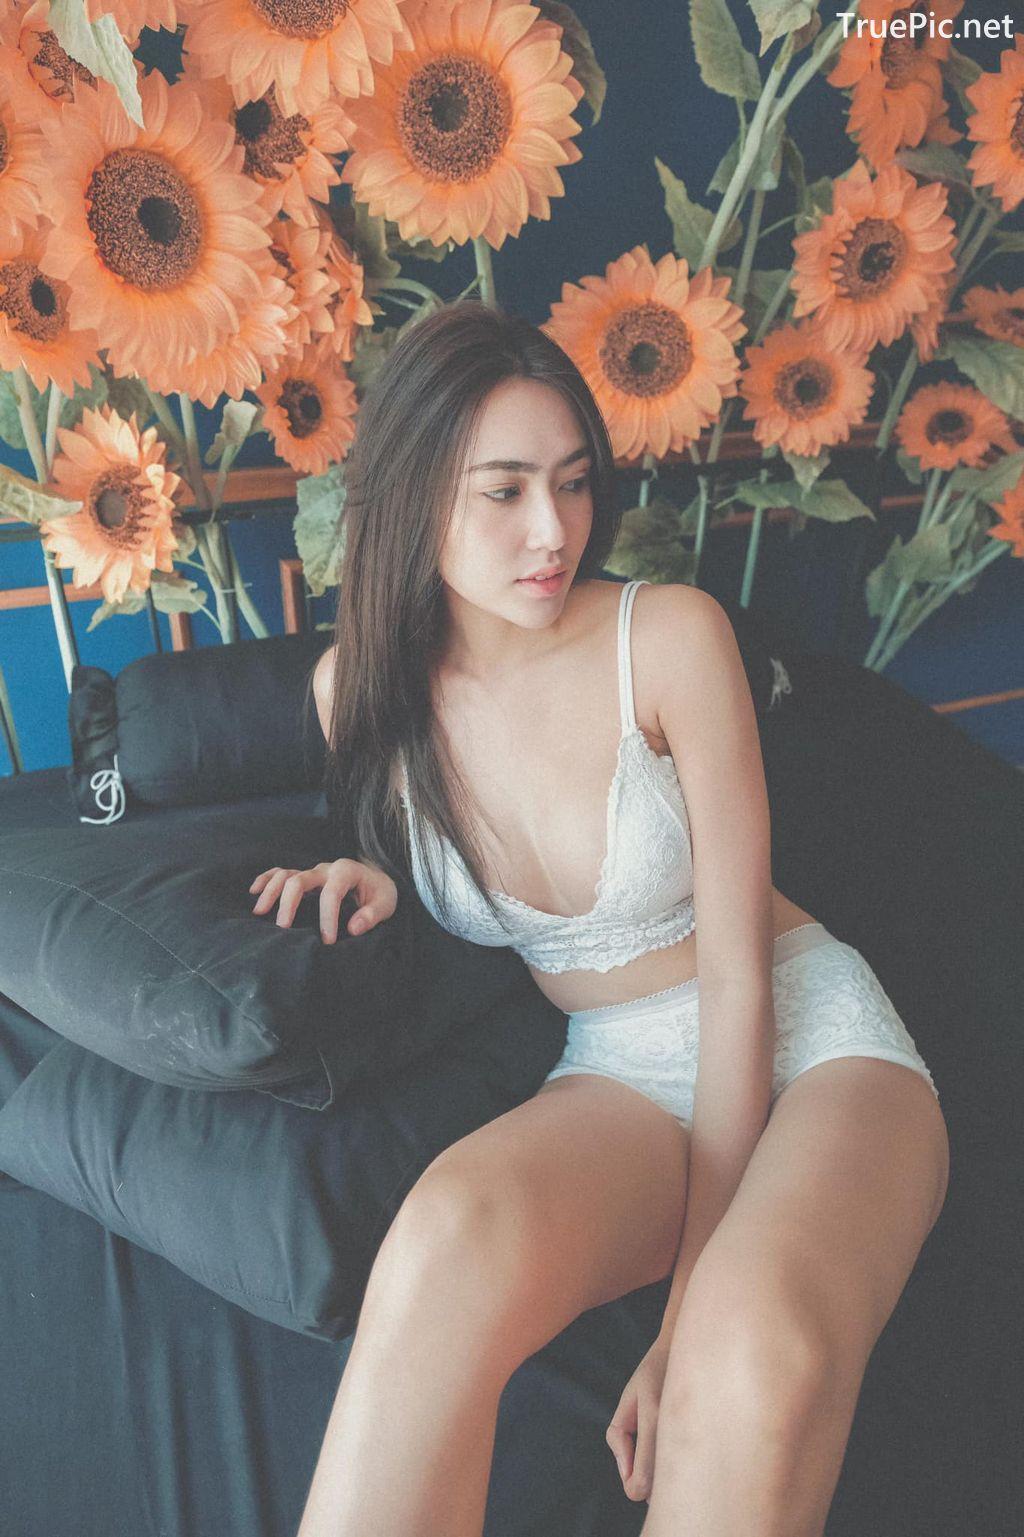 Image-Thailand-Model-Baifern-Rinrucha-Kamnark-White-Lingerie-TruePic.net- Picture-9